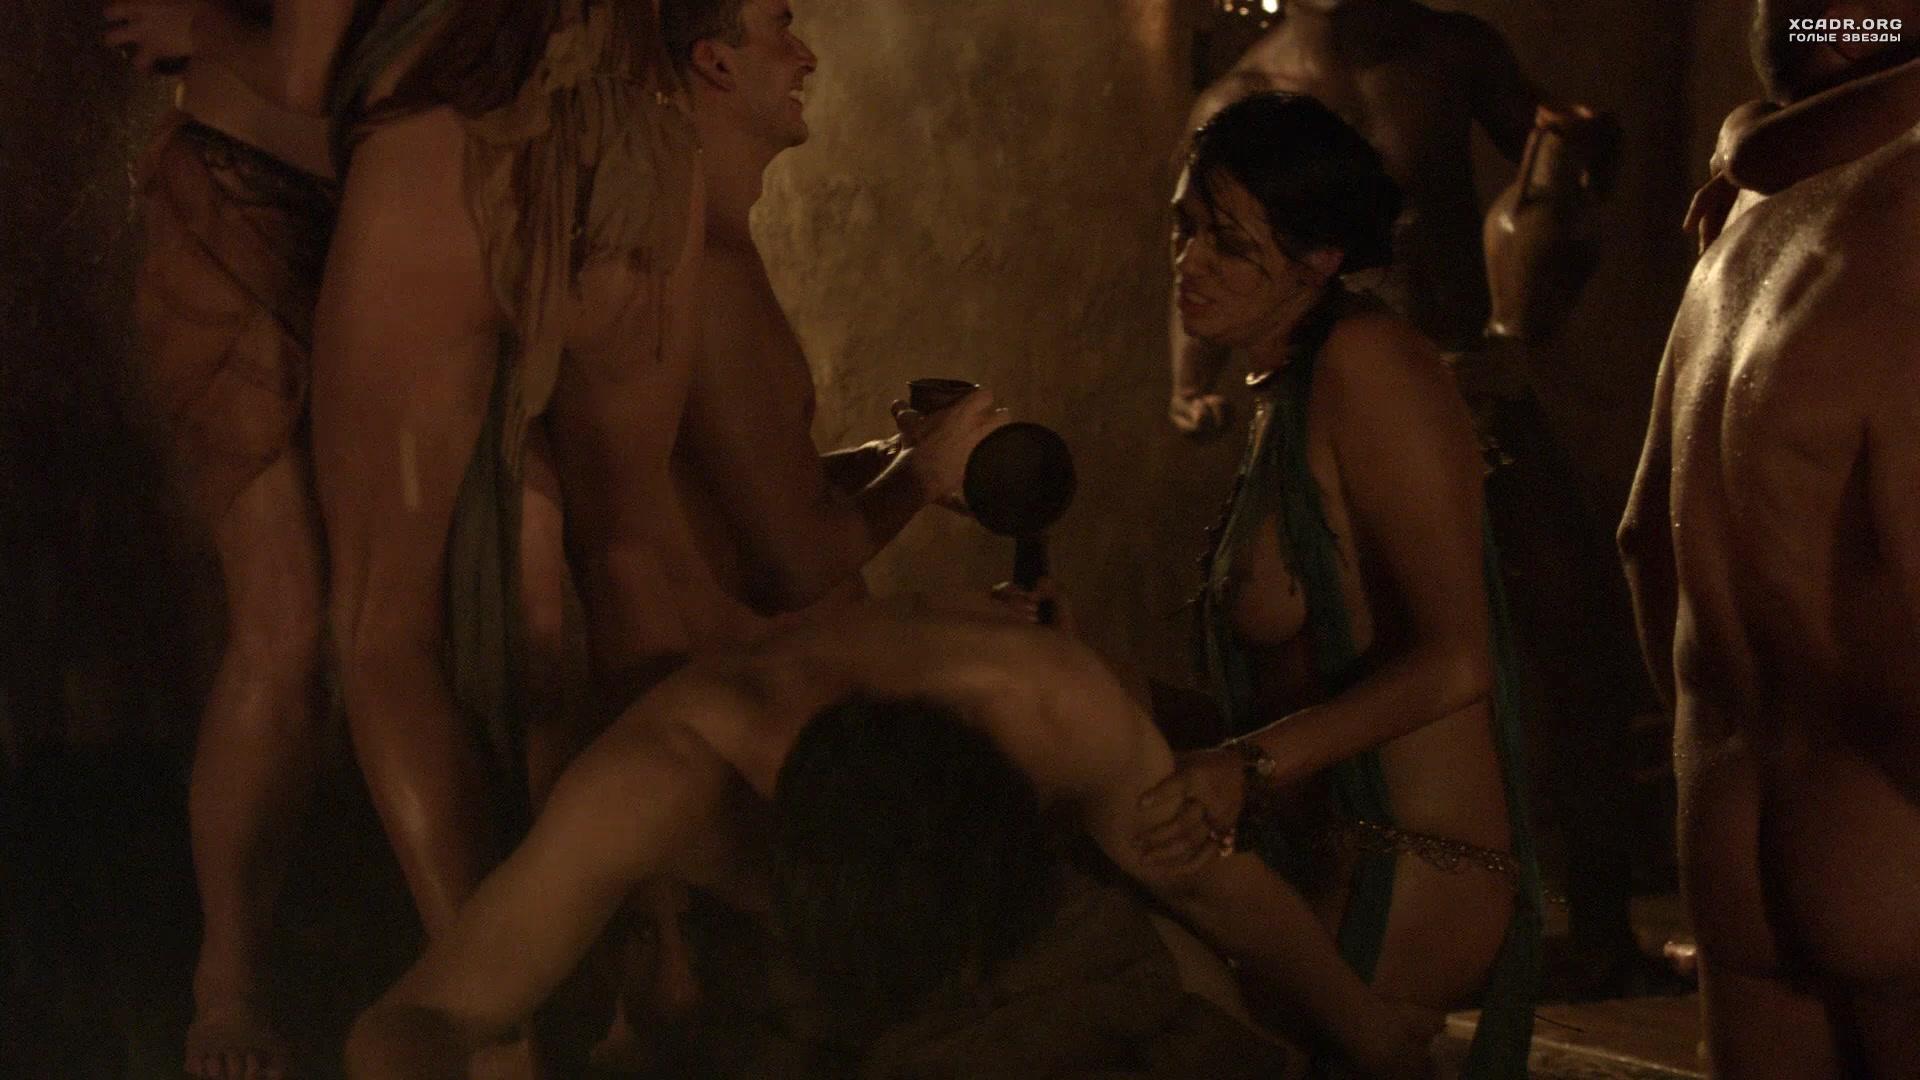 erotika-film-gladiatori-smotret-porno-roliki-sluchaynih-otsosov-u-parney